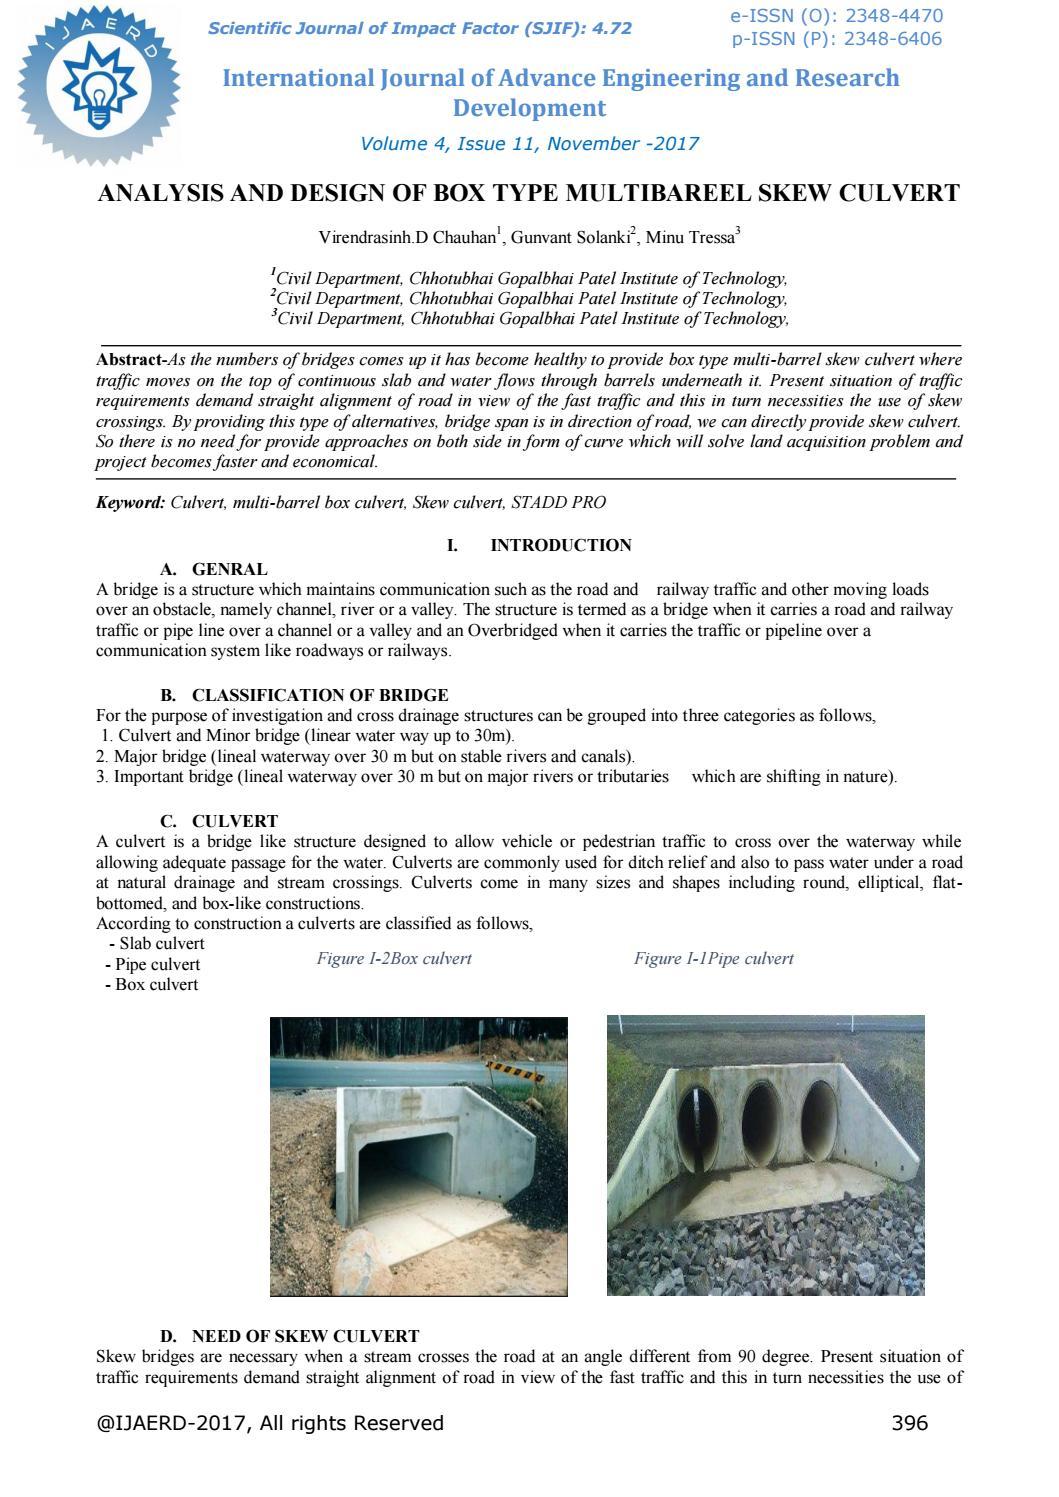 Analysis and design of box type multibareel skew culvert